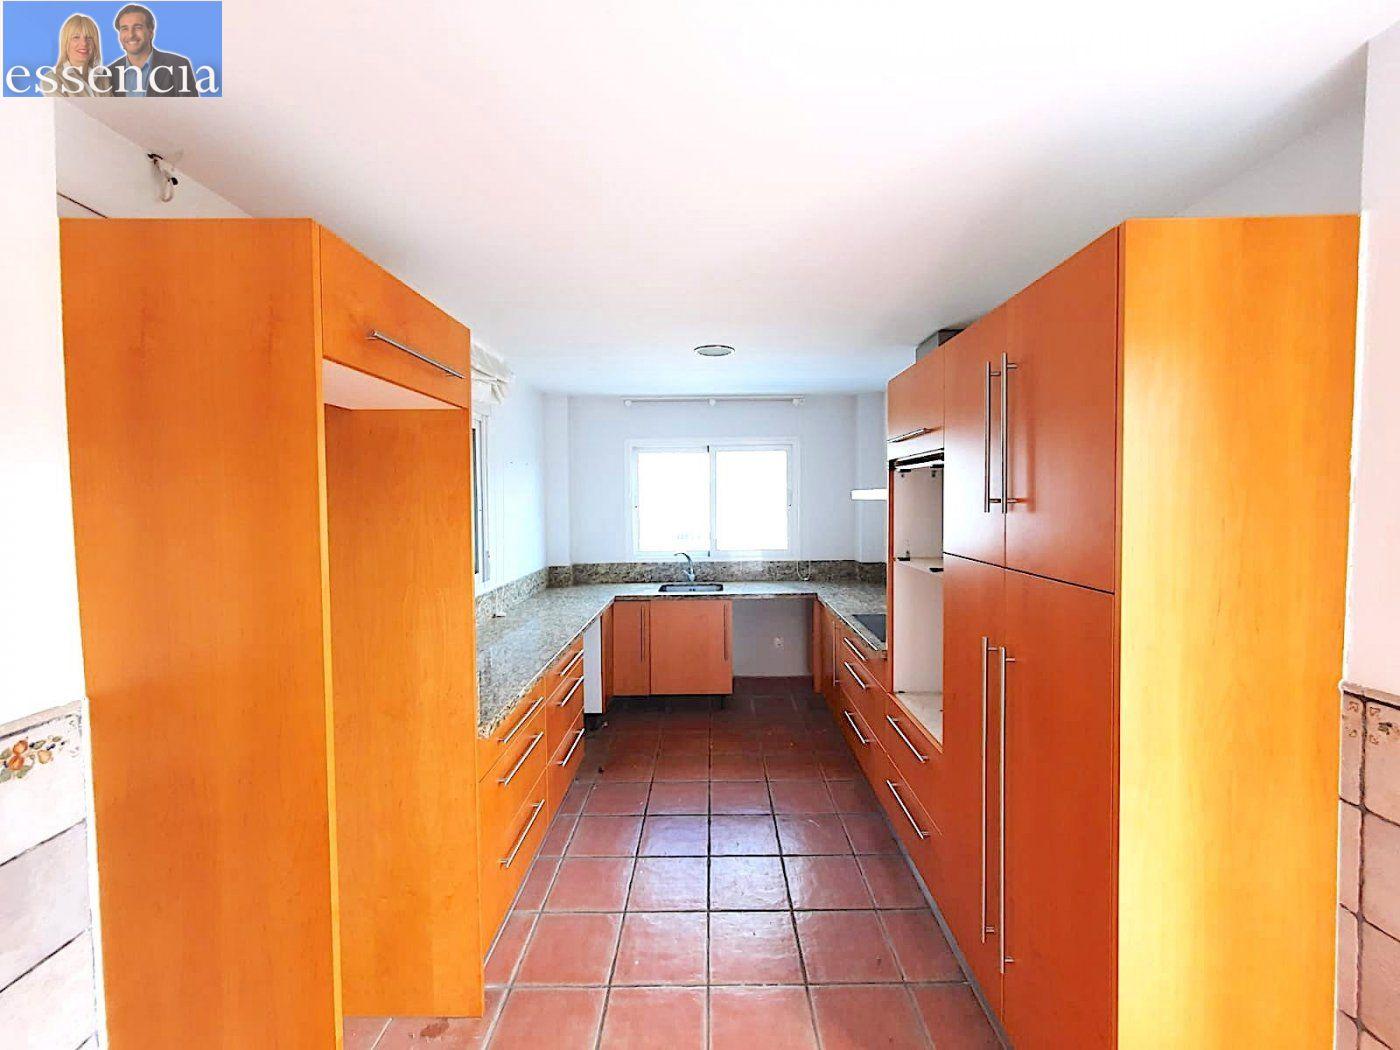 Chalet independiente en venta en calle magraner urbanización xauxa, 6, 46728, gandia (vale - imagenInmueble7